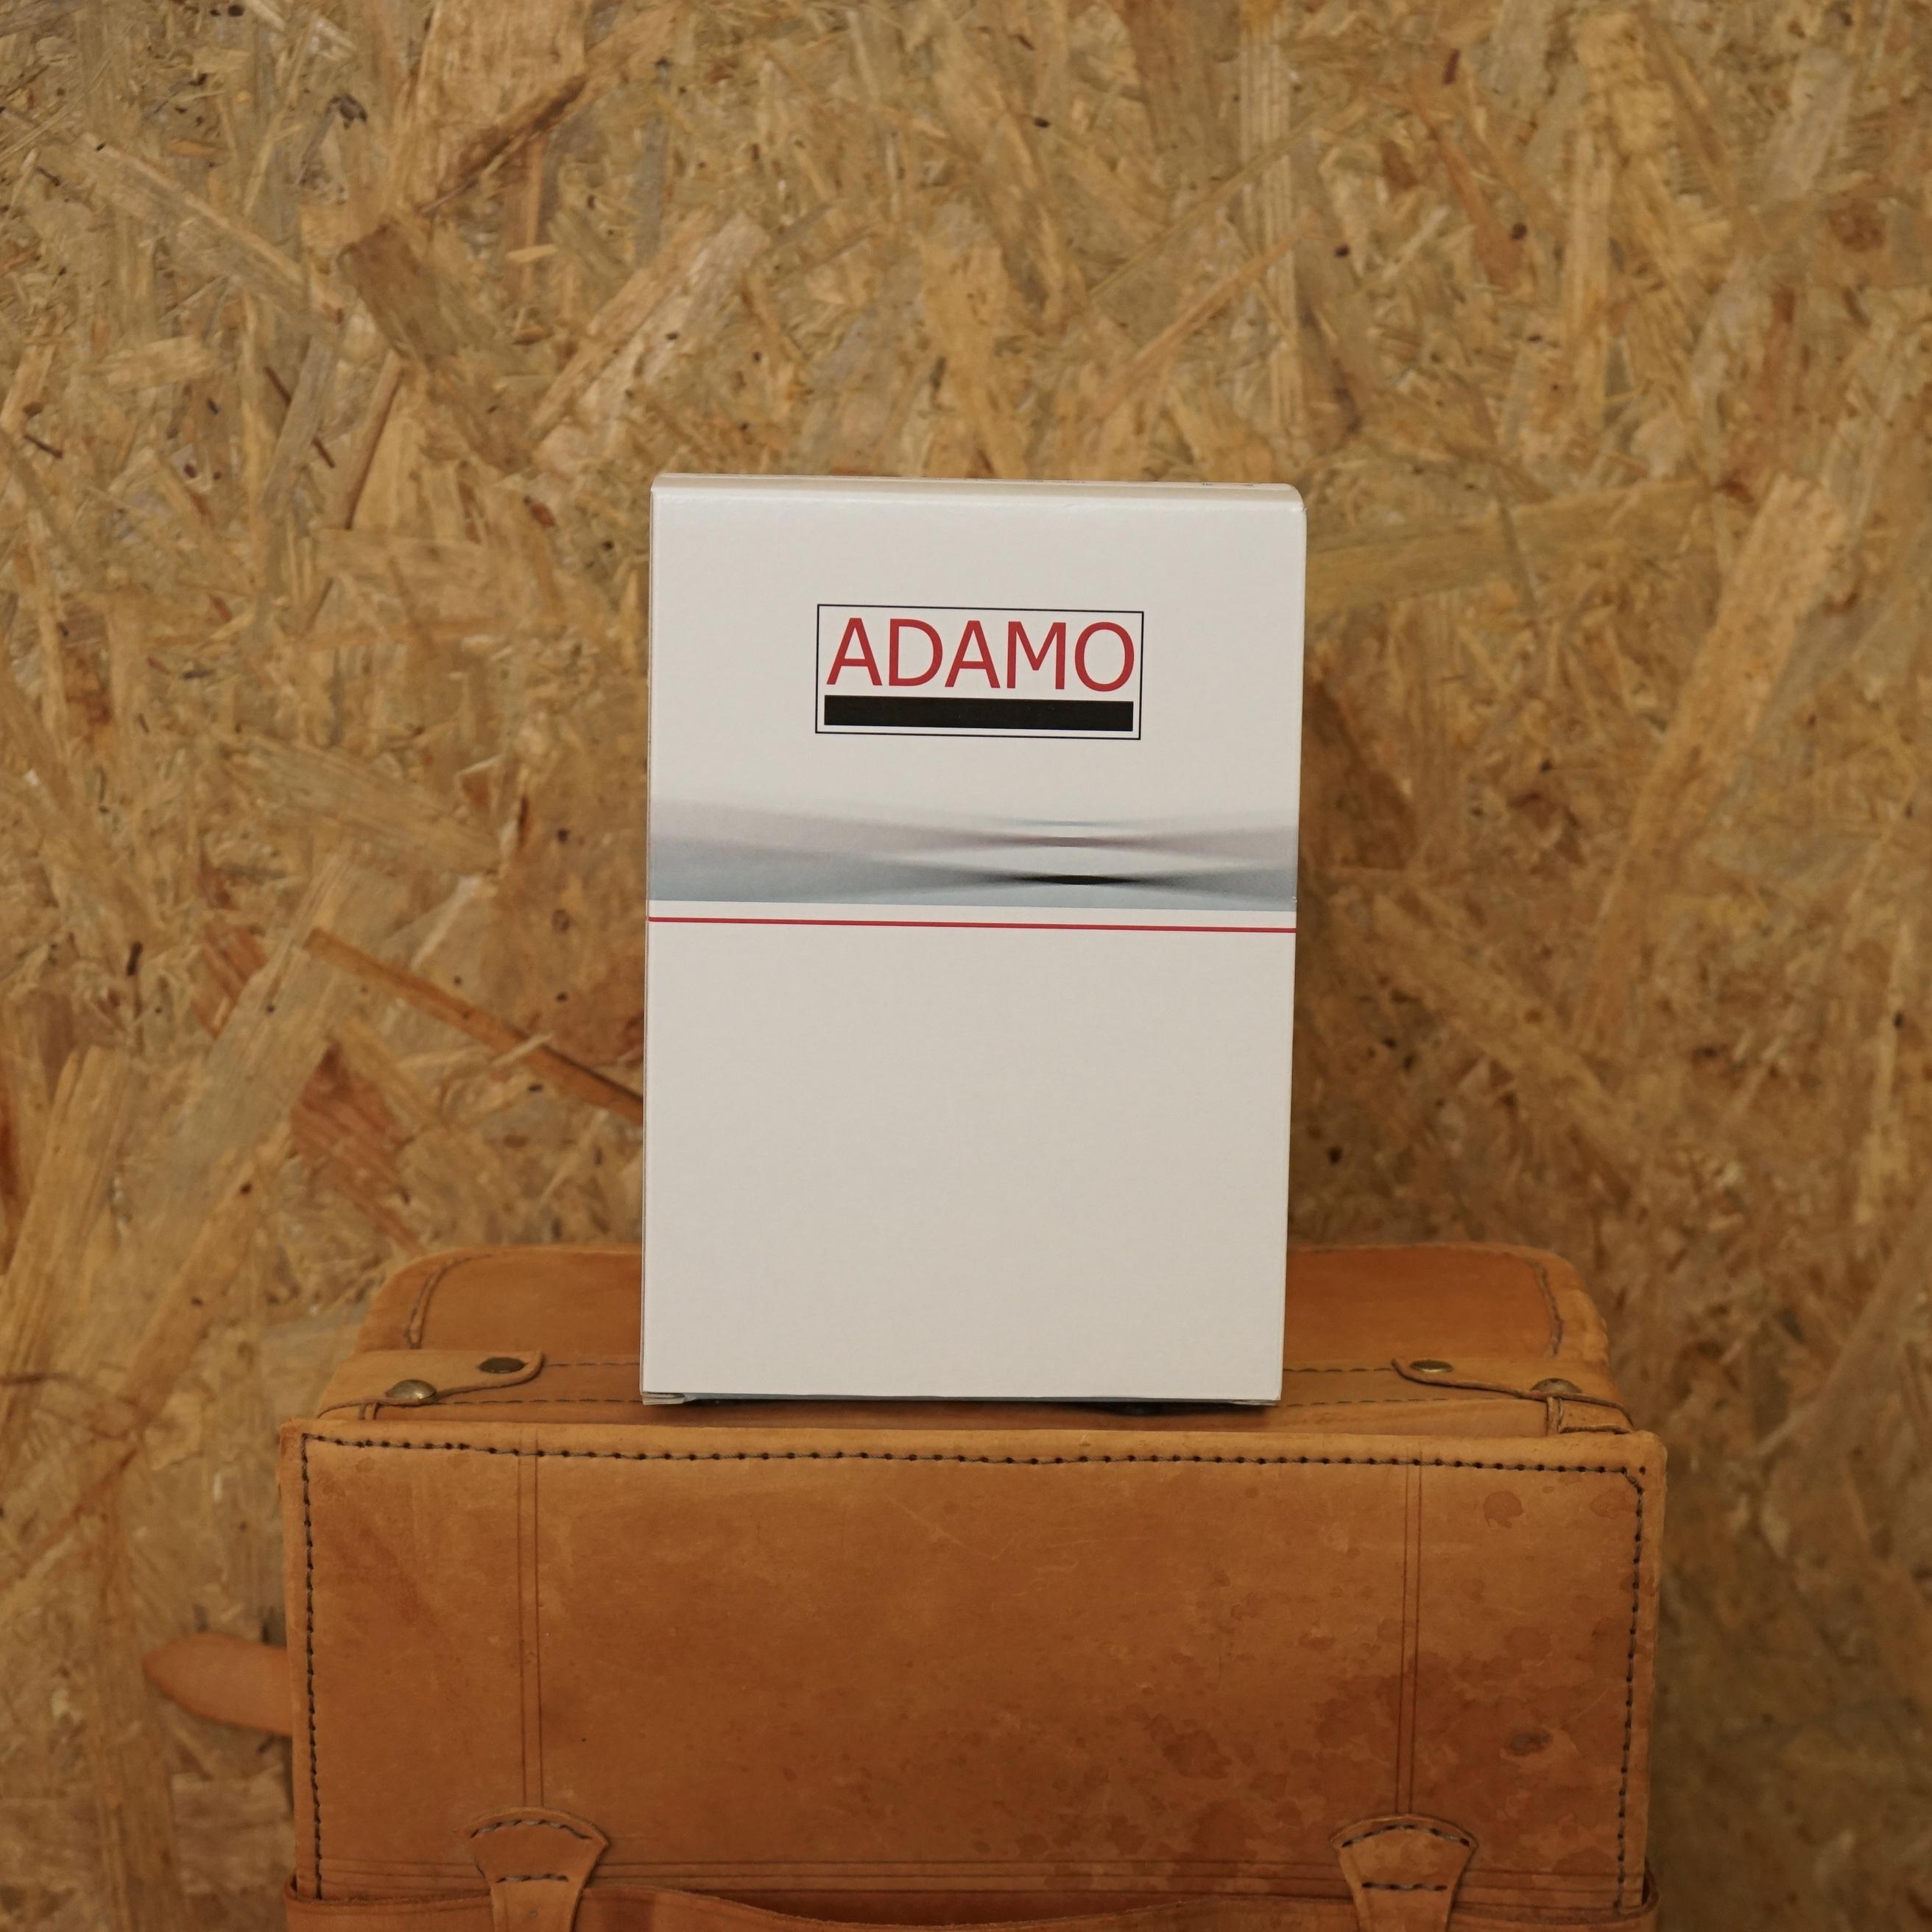 Adamo undertrøje